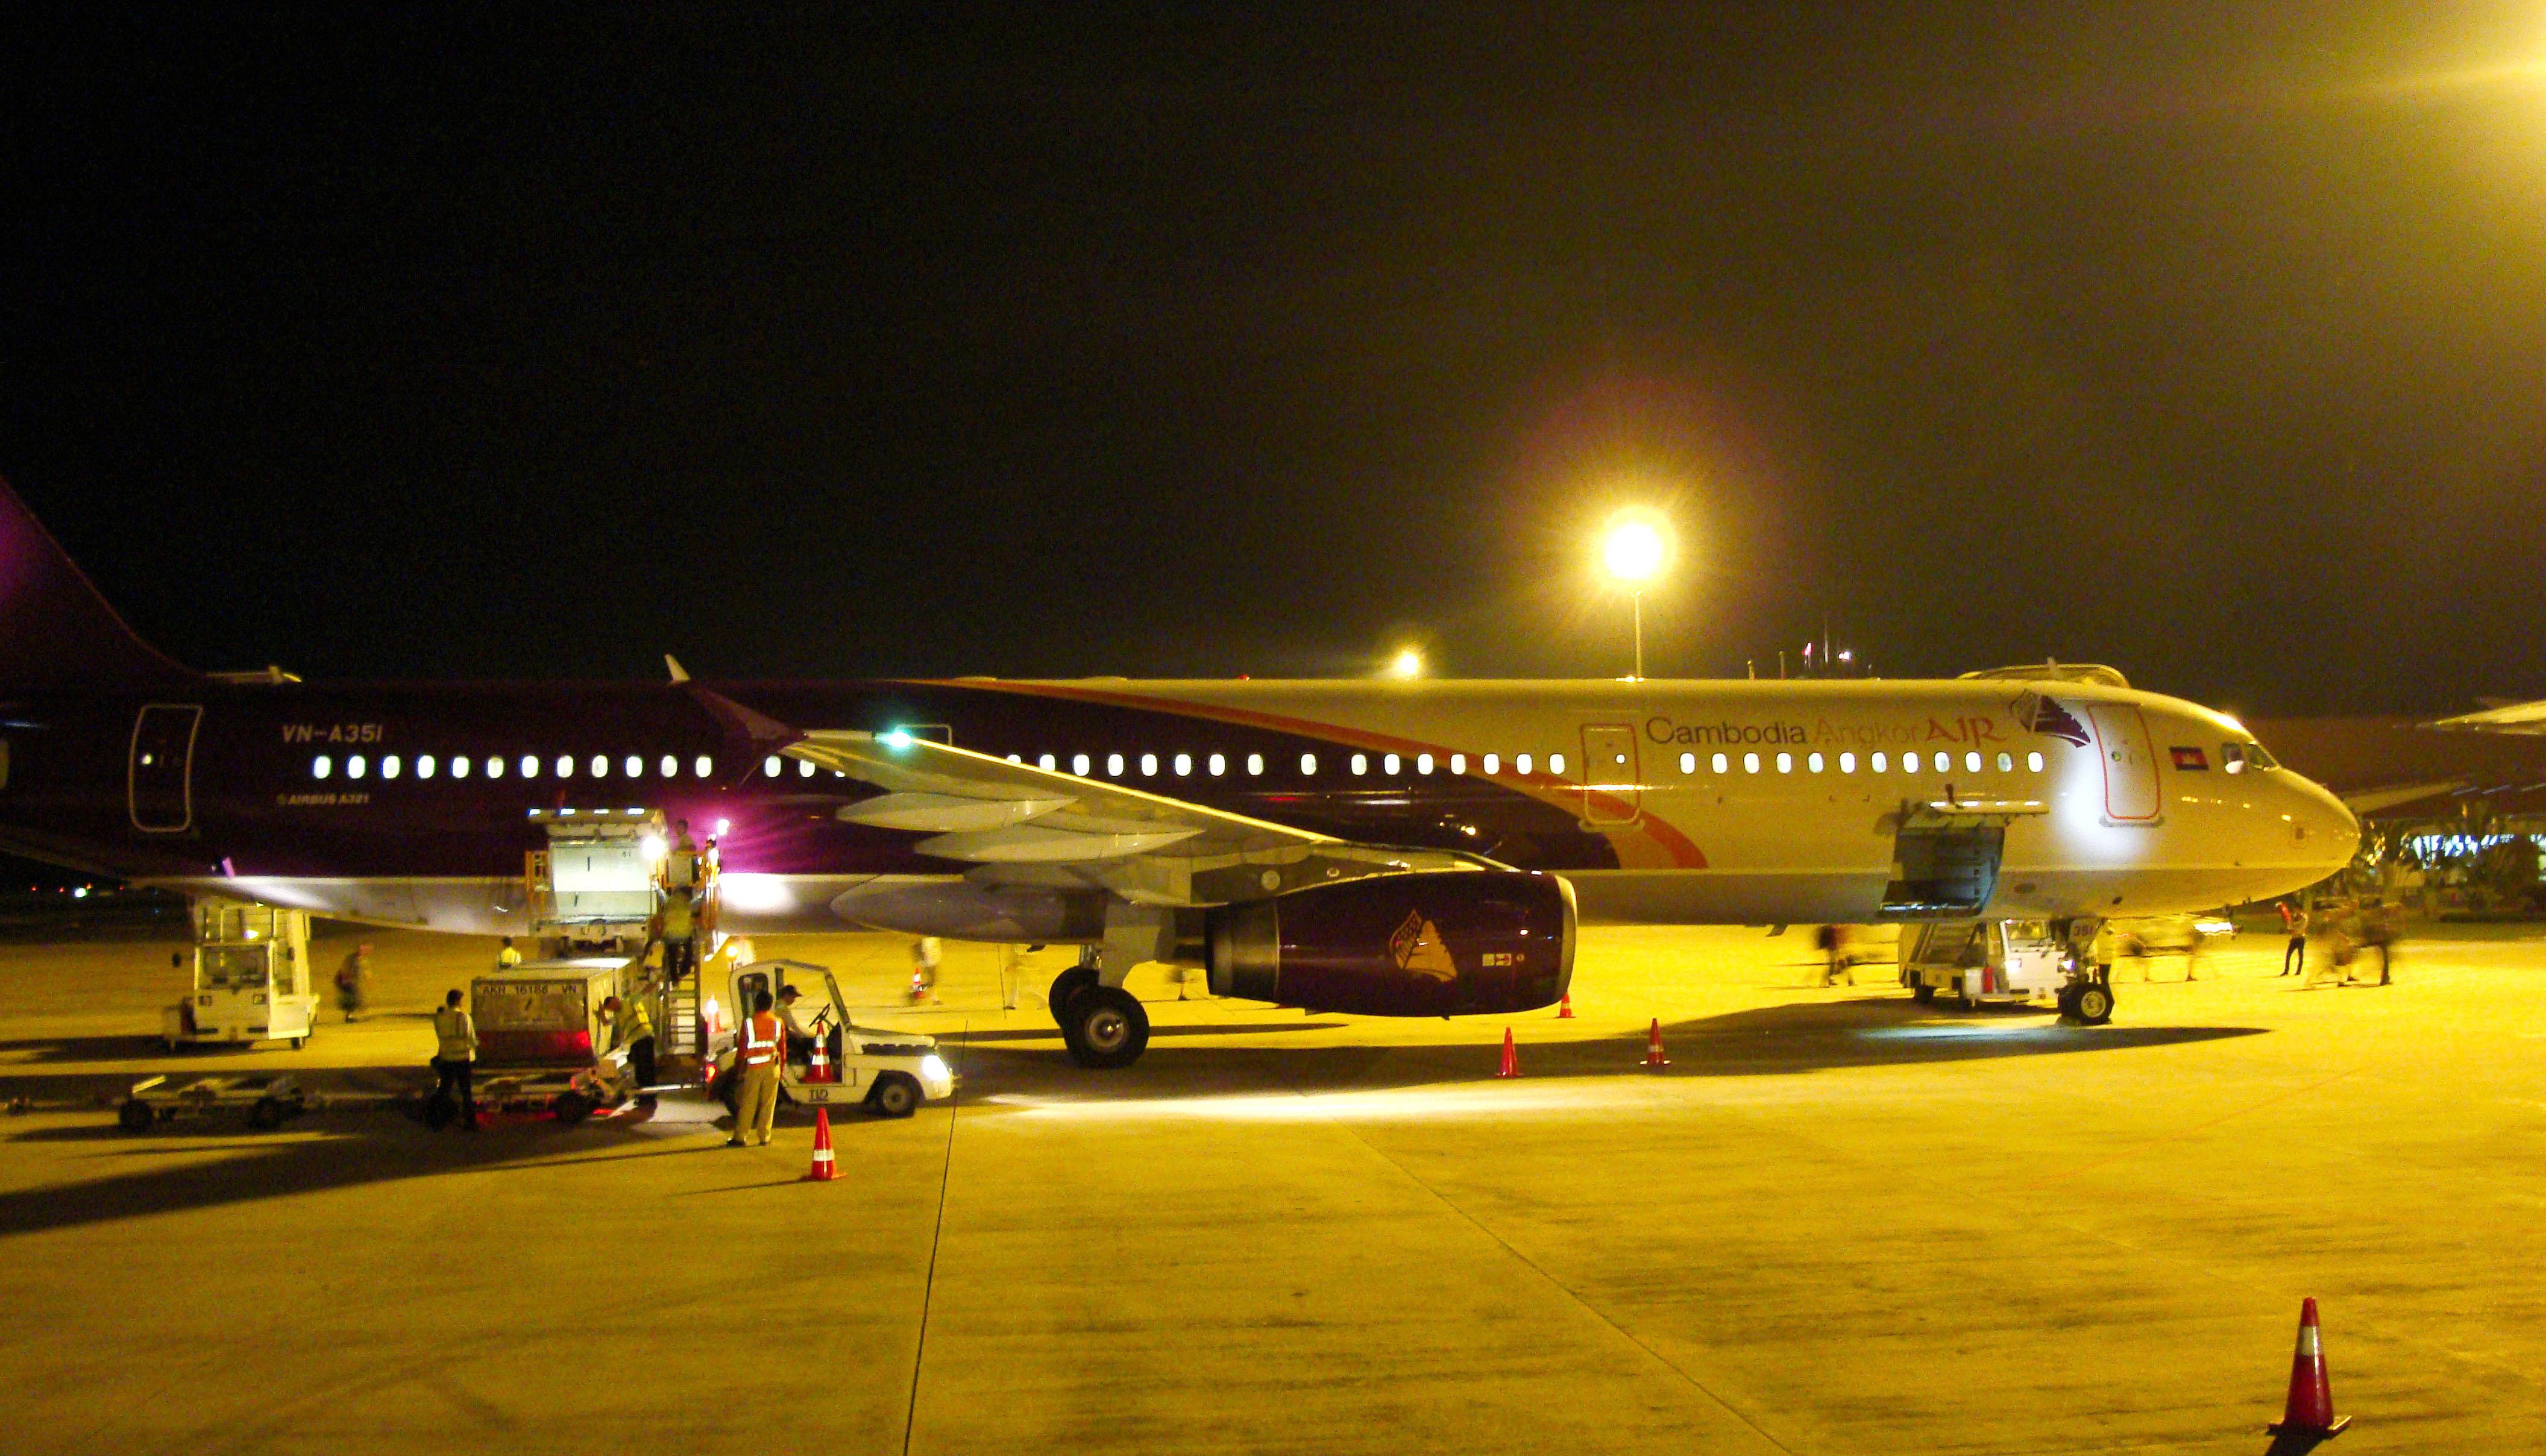 Cambodia Angkor Air VN A351 Suvarnabhumi Airport Thailand 2009 01